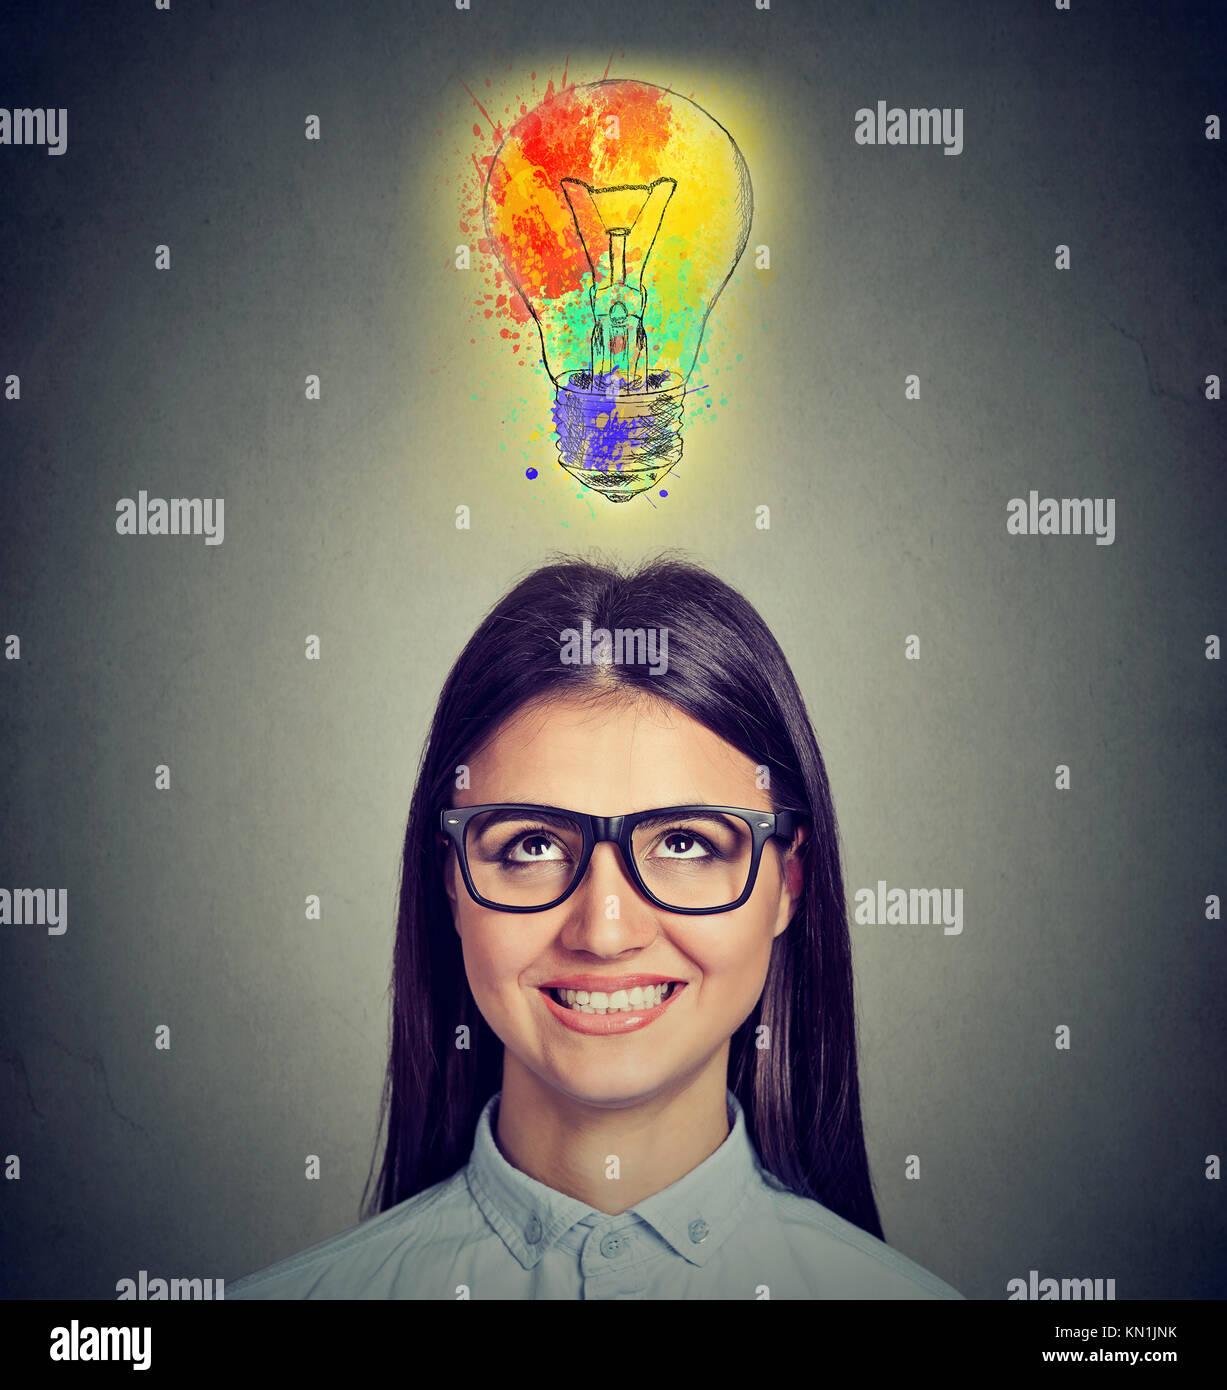 Porträt einer Frau mit Brille und kreative Idee bis auf bunte Glühbirne auf grauem Hintergrund. Inspiration Stockbild